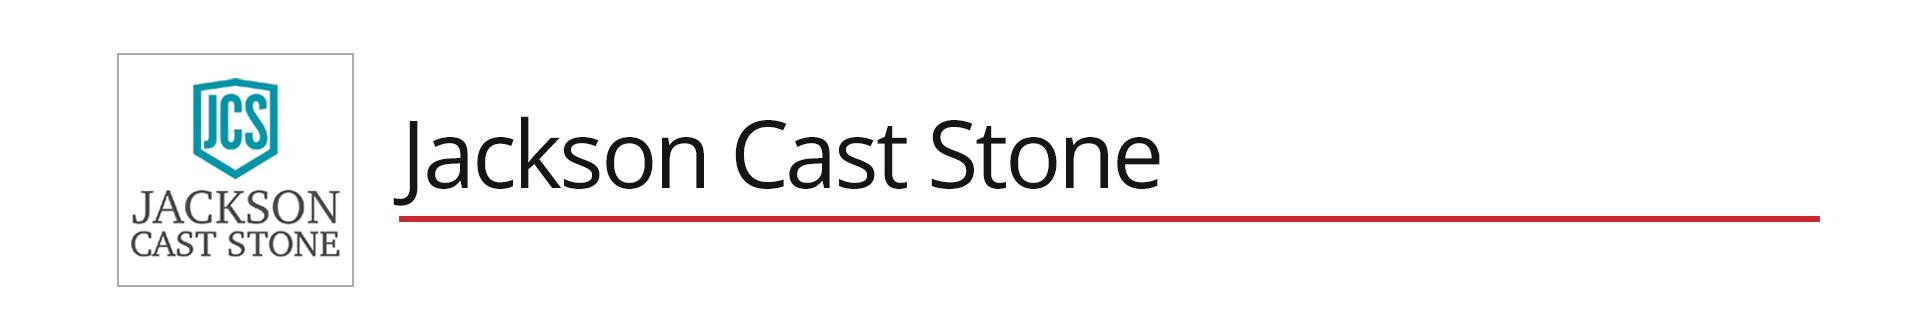 JacksonCastStone_Header.jpg